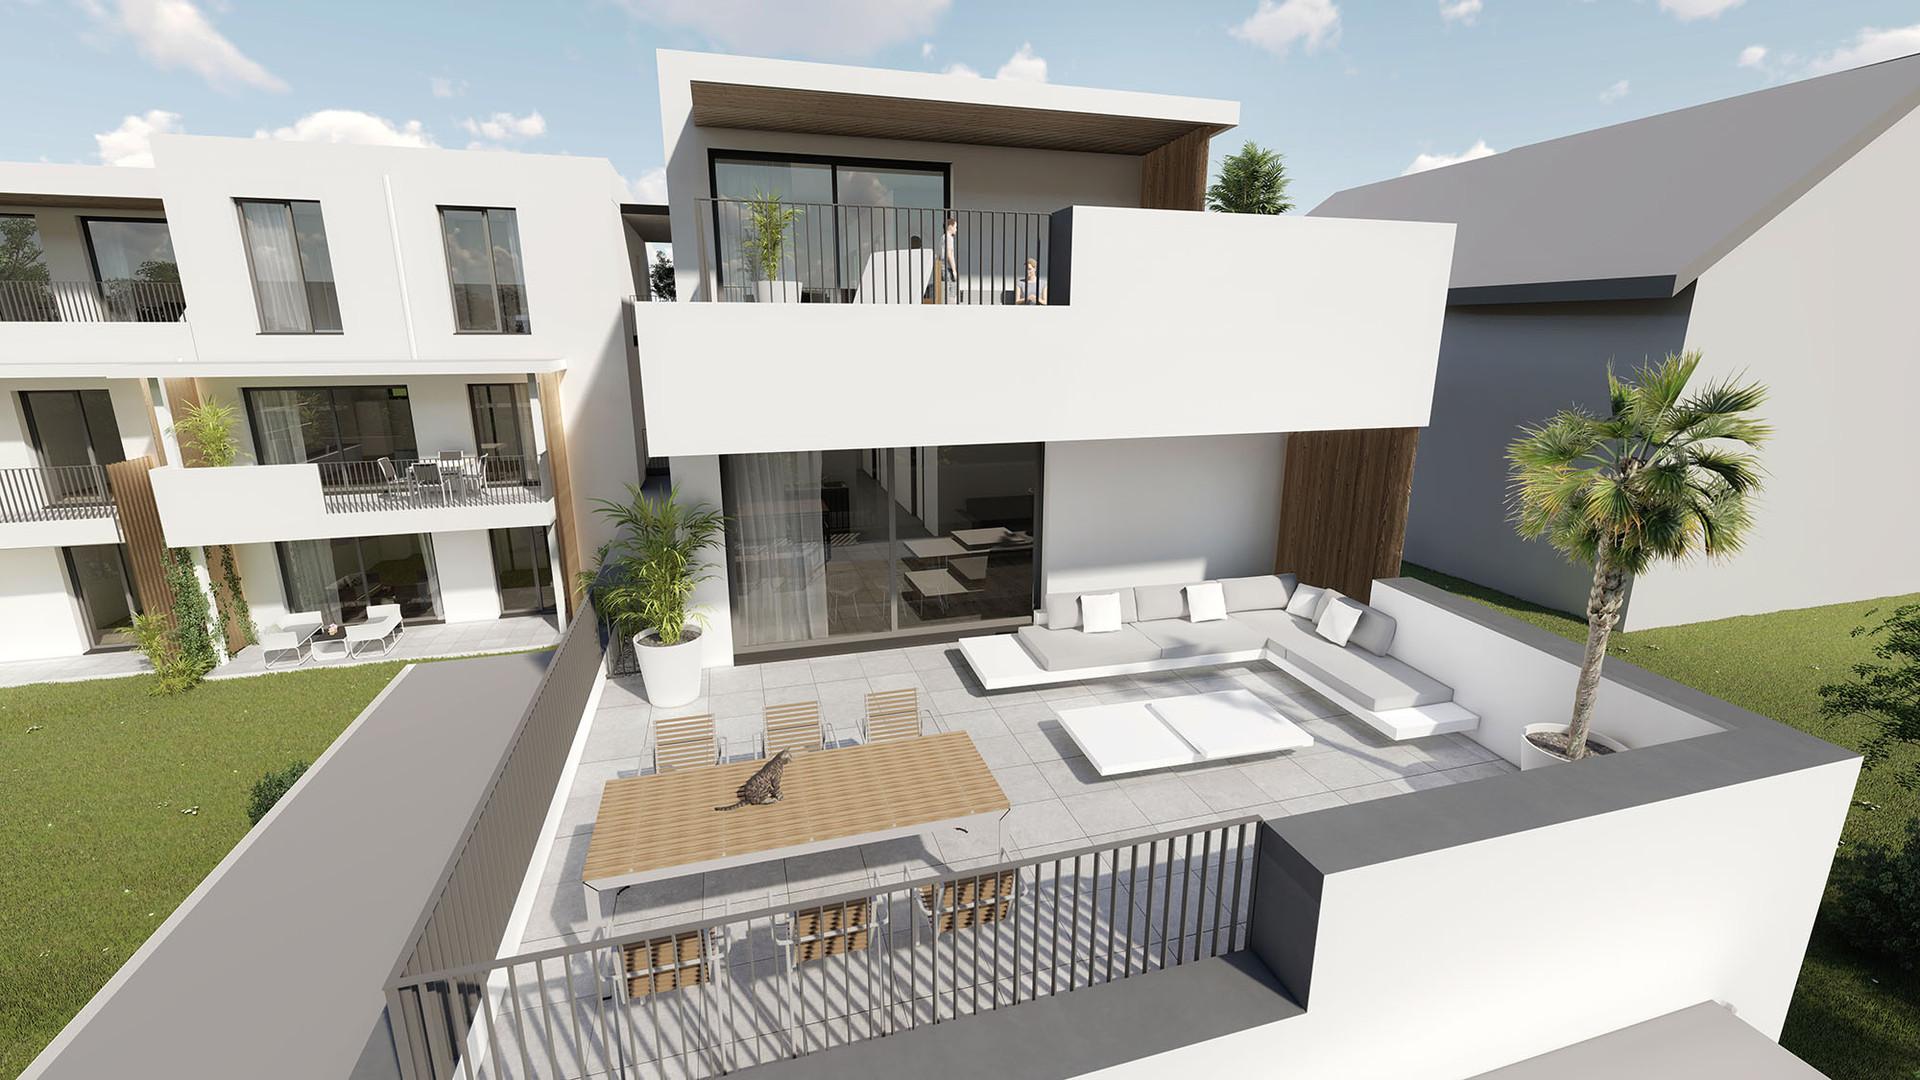 Terrassenwohnung.jpg